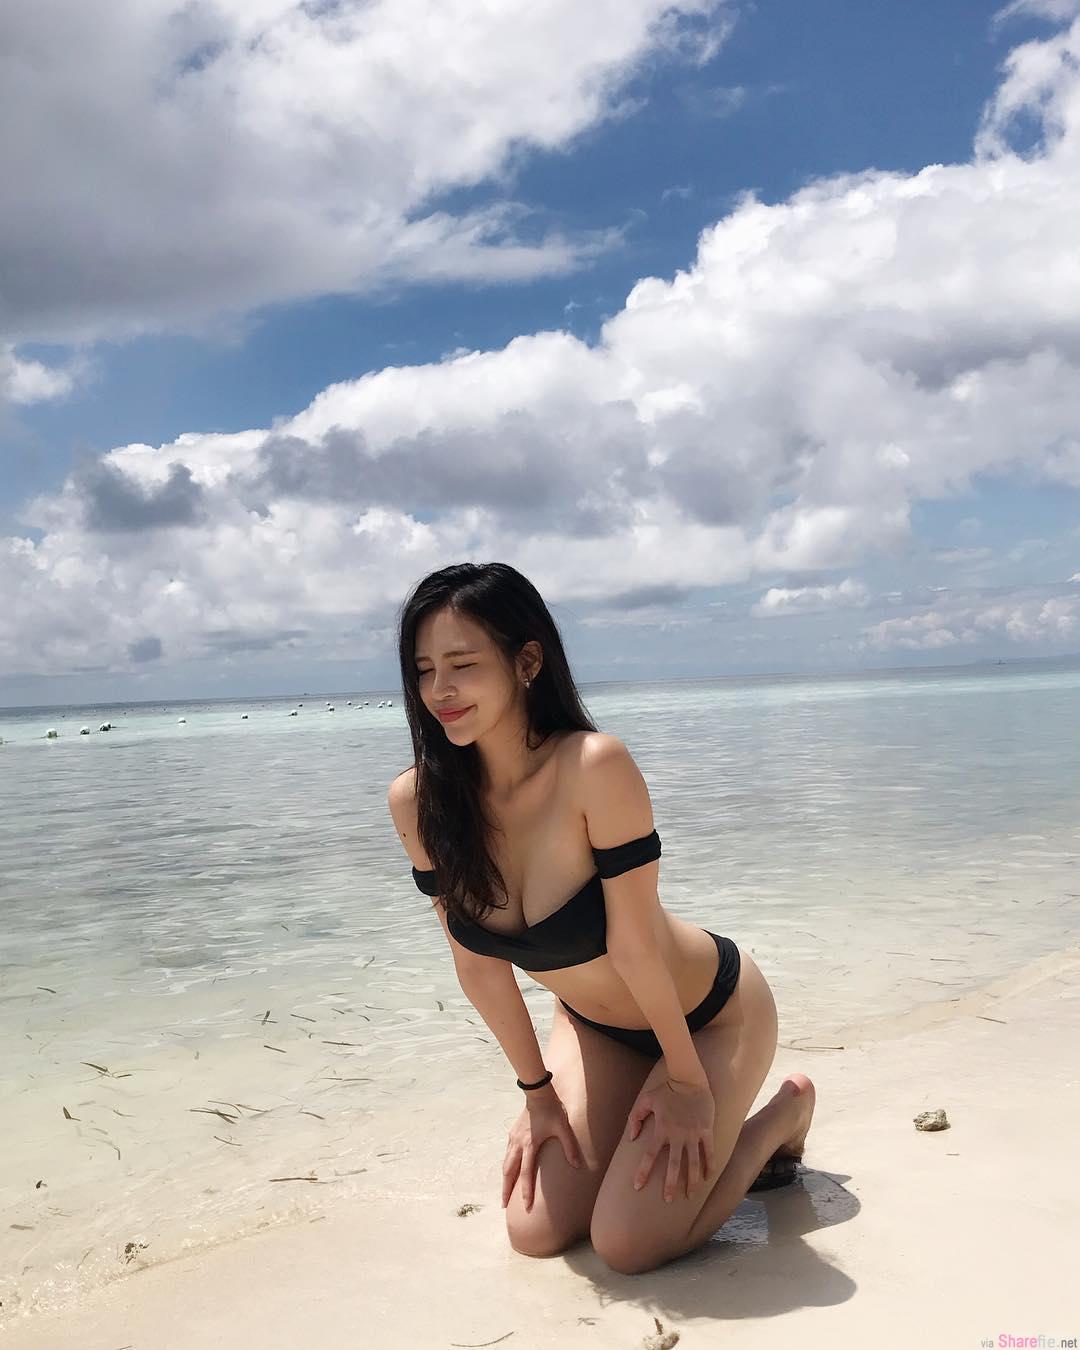 正妹空姐脱下潜水服,雪白美乳深沟超诱人